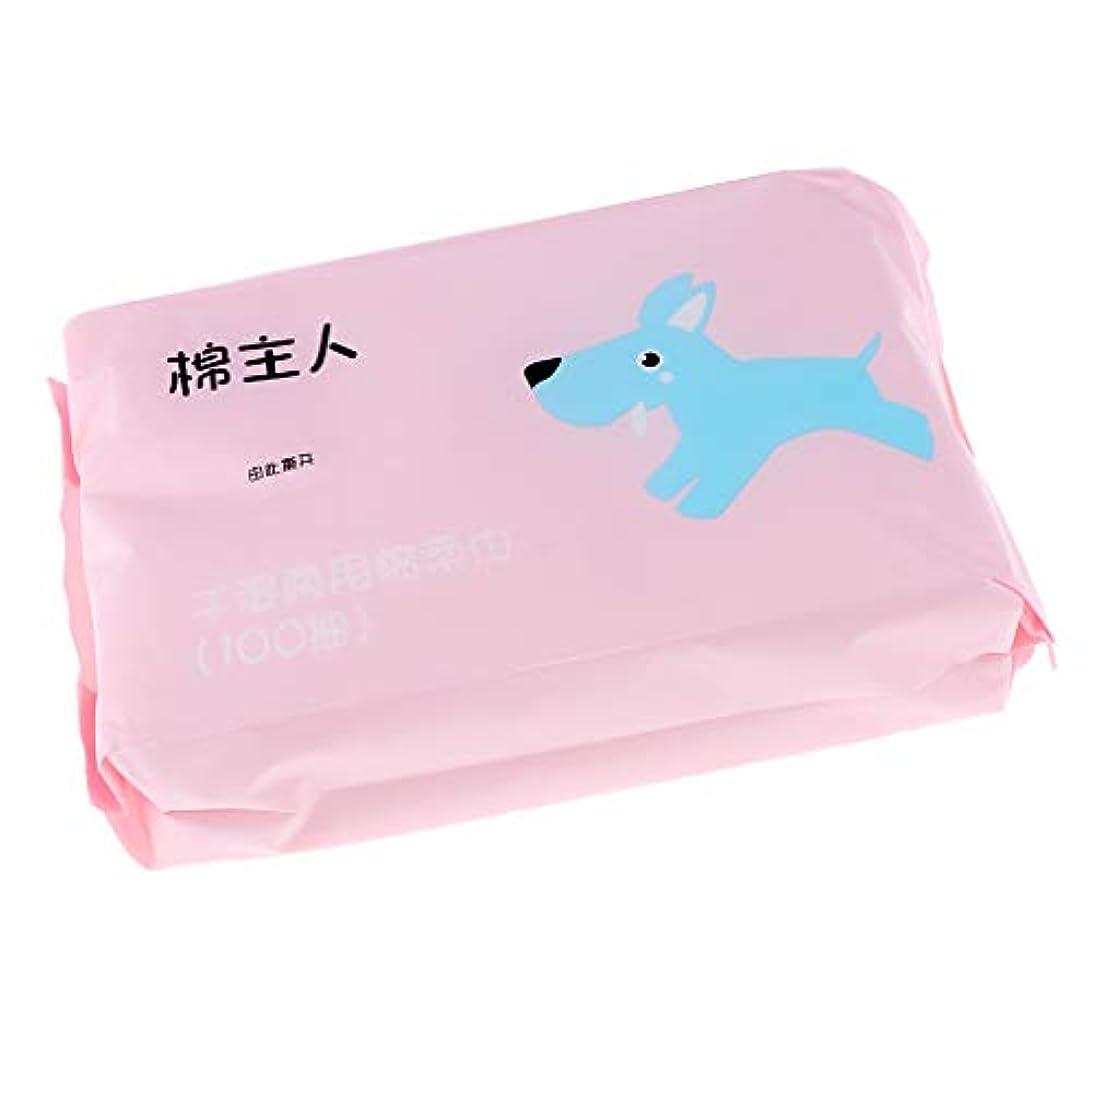 召喚するブラシ調停する約100枚 クレンジングシート メイク落とし 使い捨て 不織布 非刺激 清潔 衛生 全2色 - ピンク